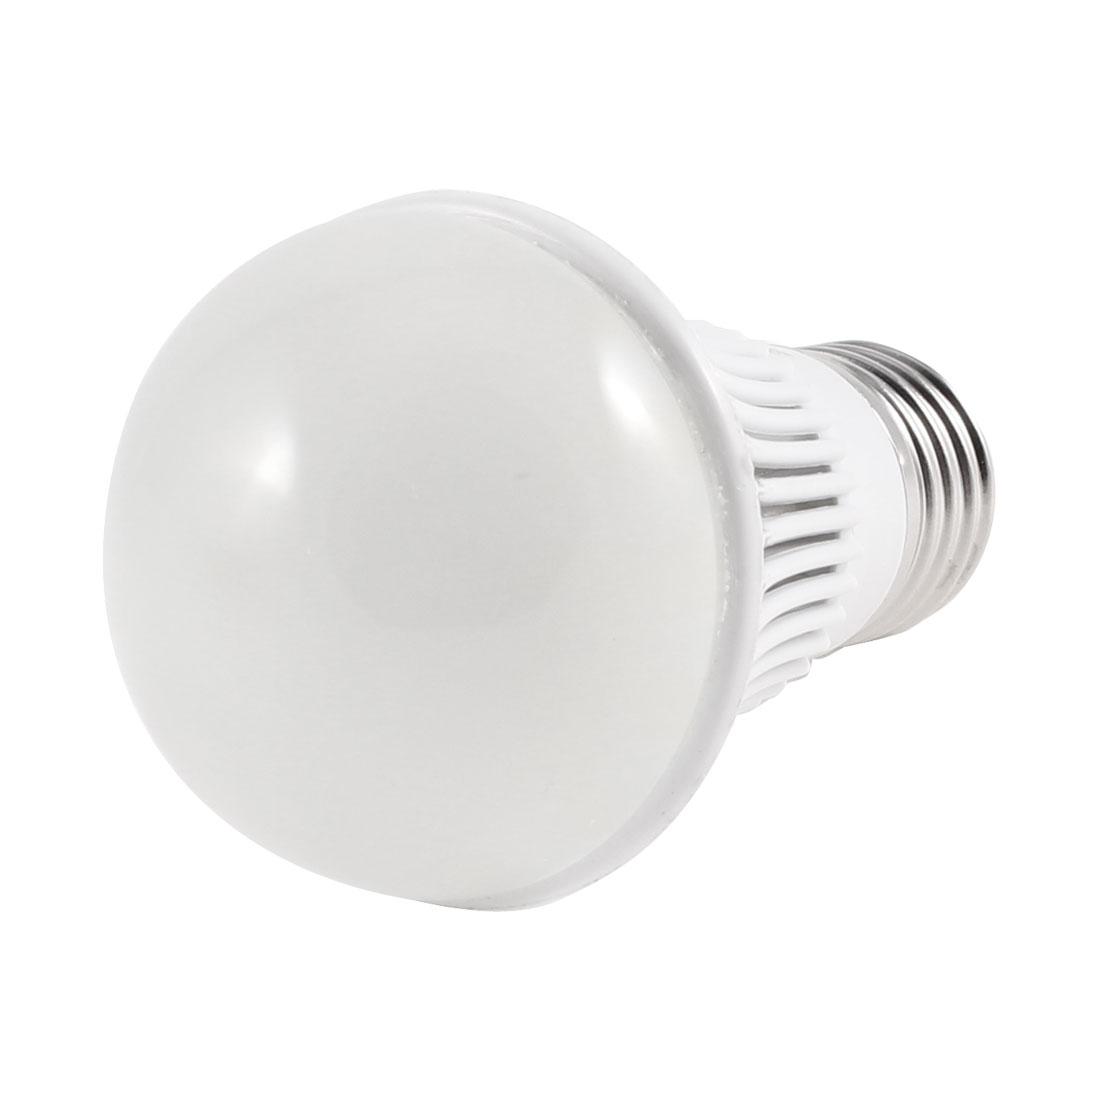 E27 Socket Energy Saving White LED Ball Bulb Lamp AC 220V 4W 6500K